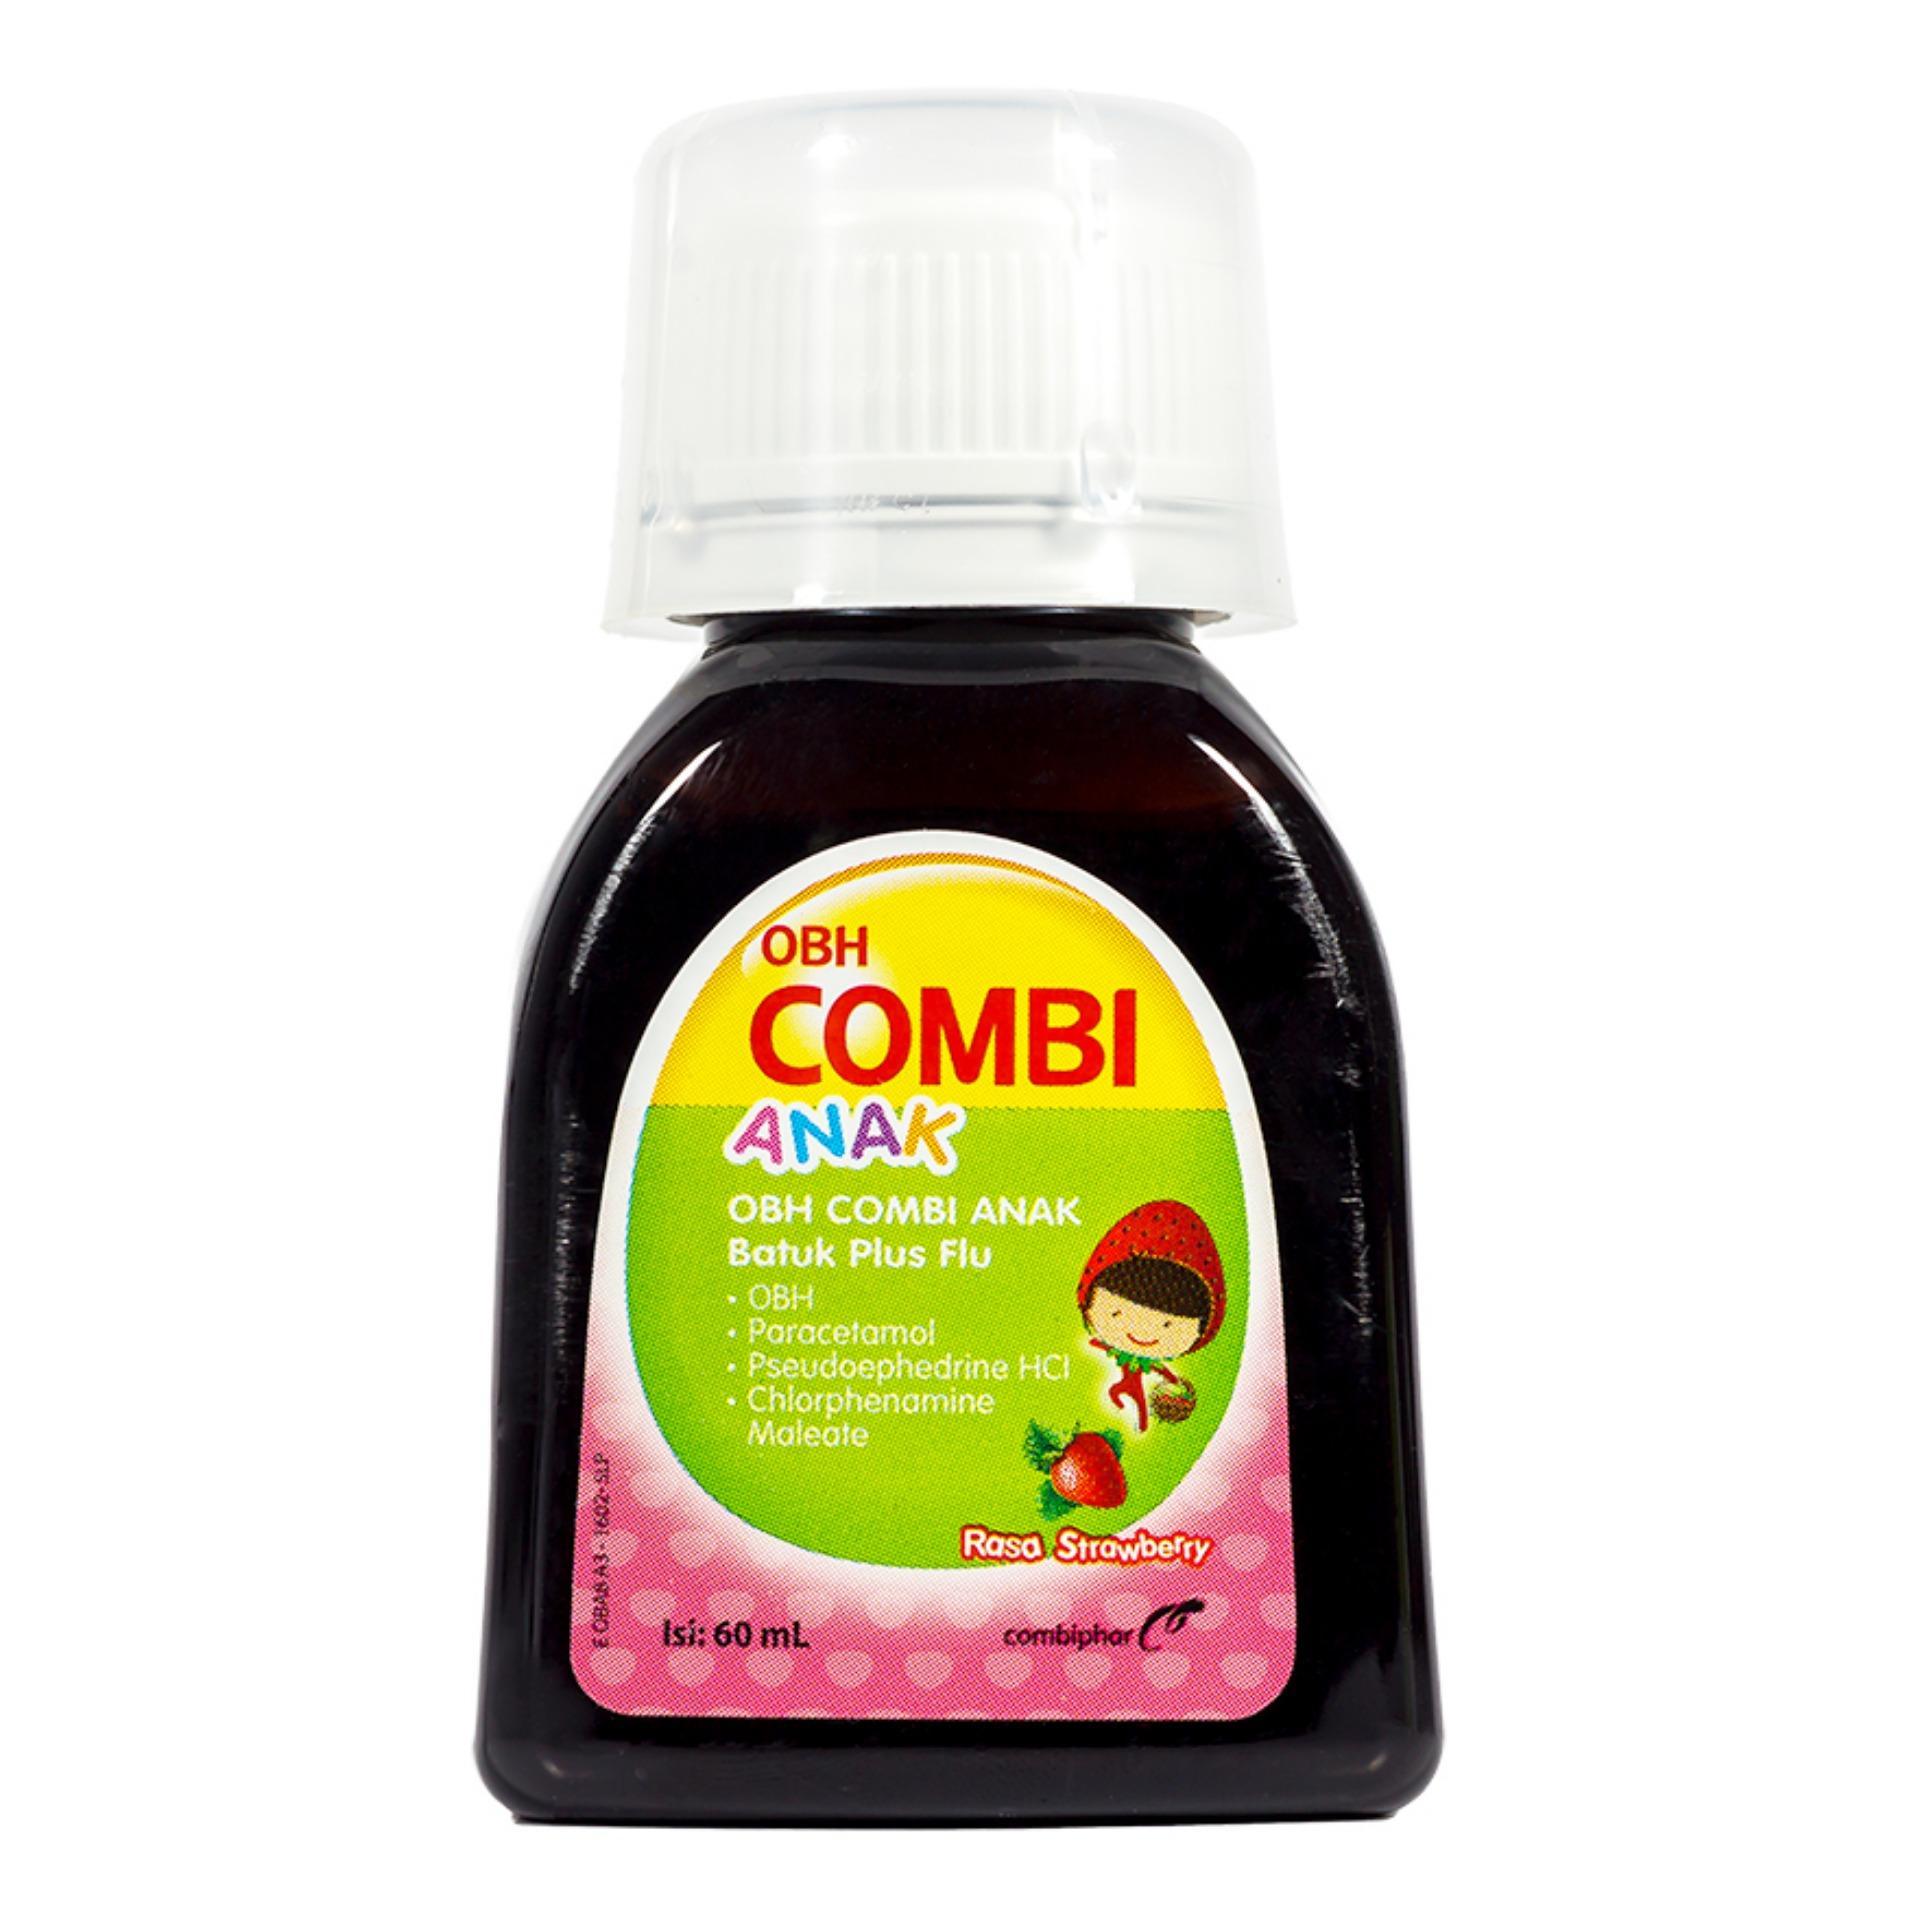 Beli sekarang Obh Combi Flu Anak Strawberry 60ml pencari harga - Hanya Rp13.234